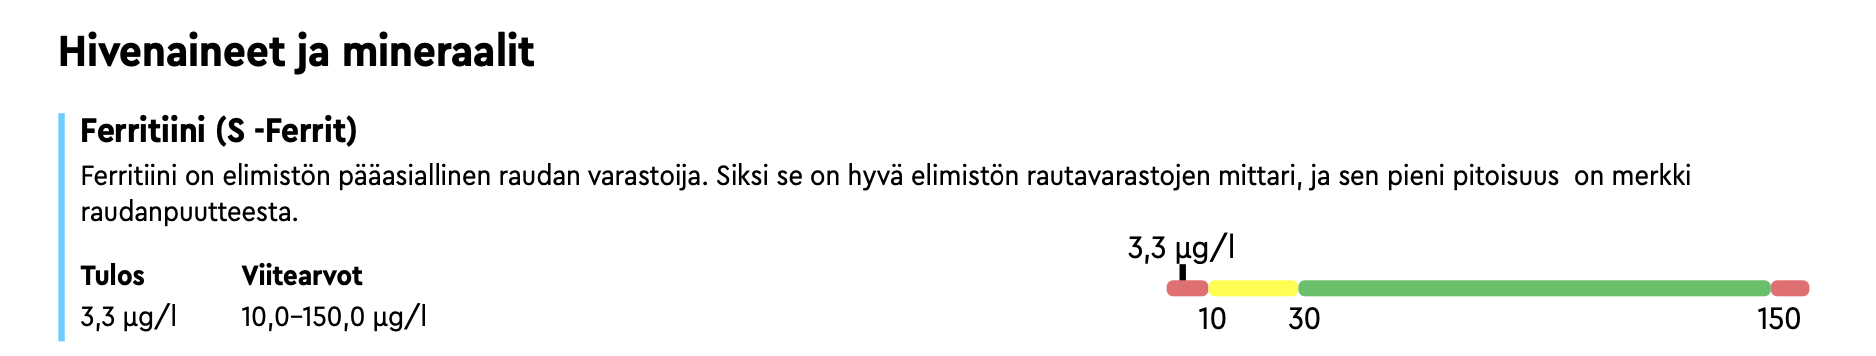 puhti.fi_labra